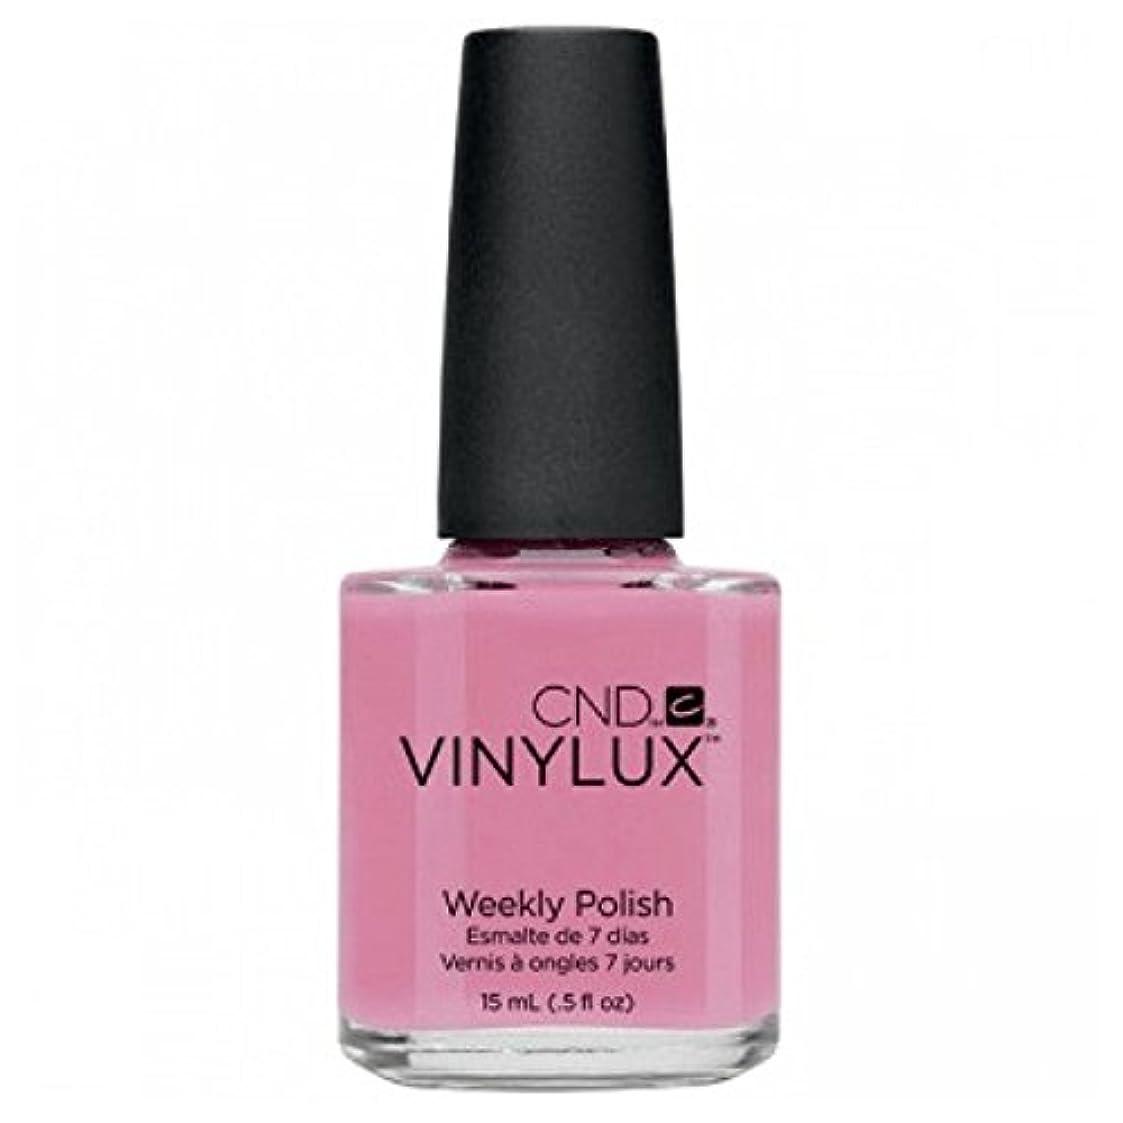 CND Vinylux Manicure Lacquer _ Beau #103 _15ml (0.5oz)